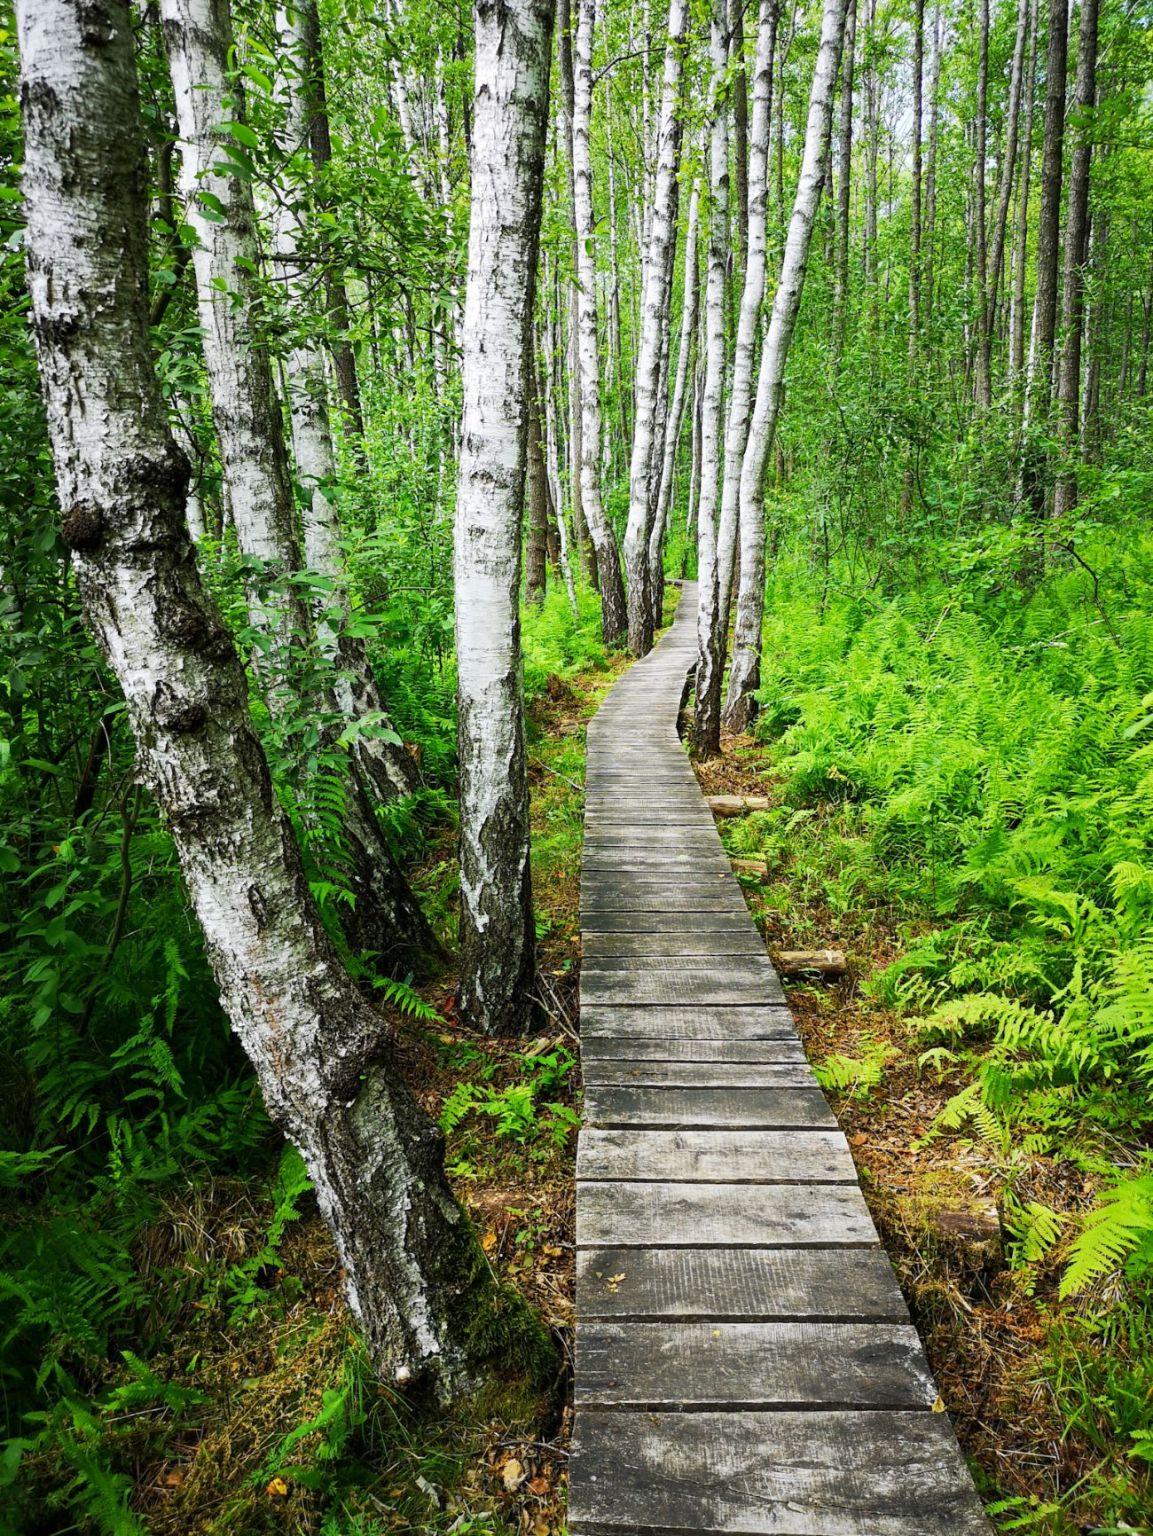 ścieżka spławy las grzozy kładka ścieżka zwiedzanie weekend lubelskie 2